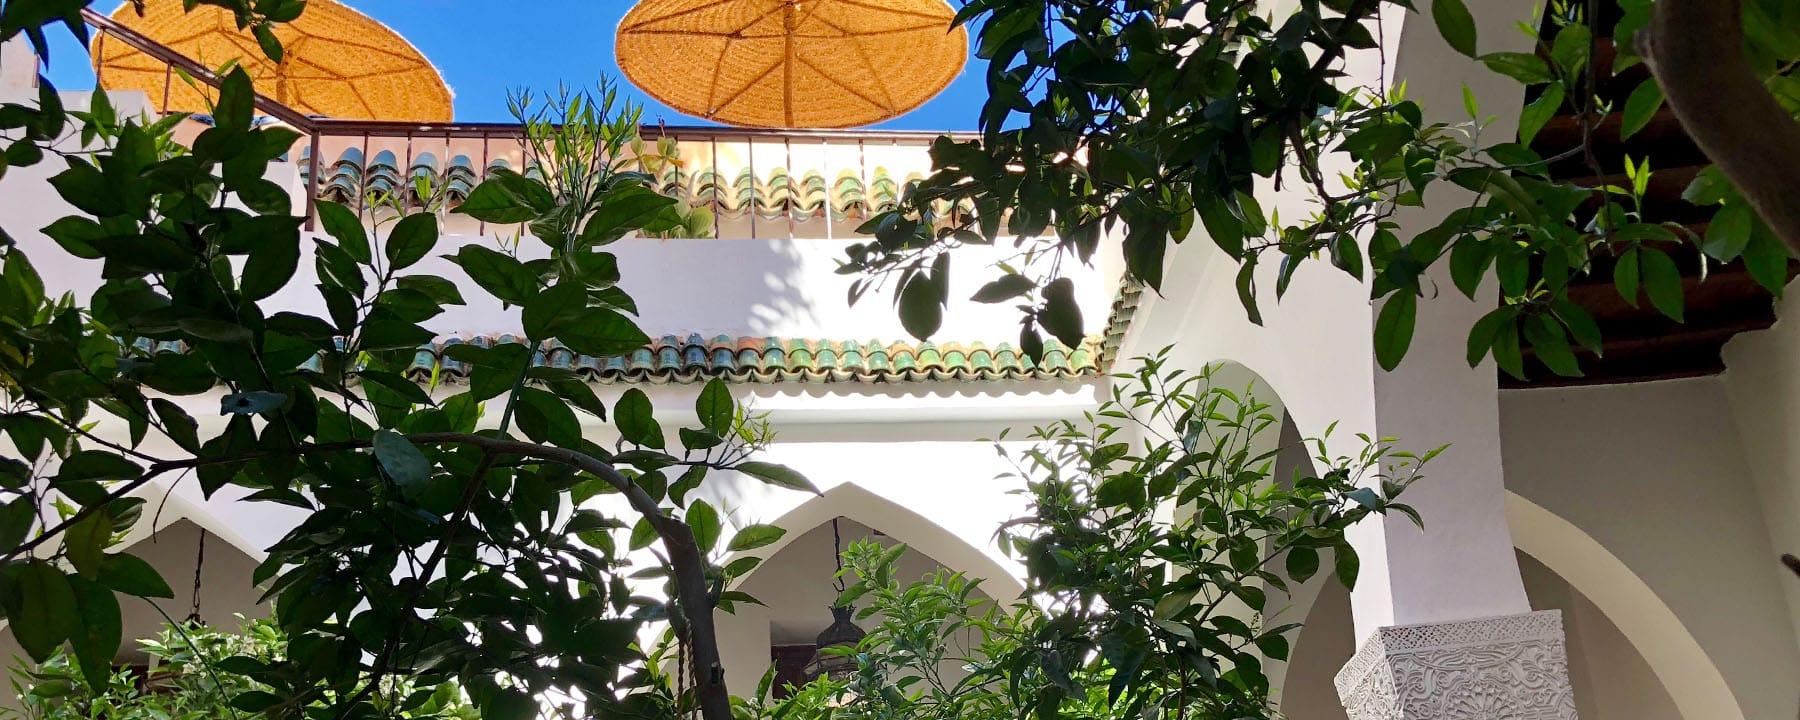 NOSADE Riad Marrakech_Source NOSADE